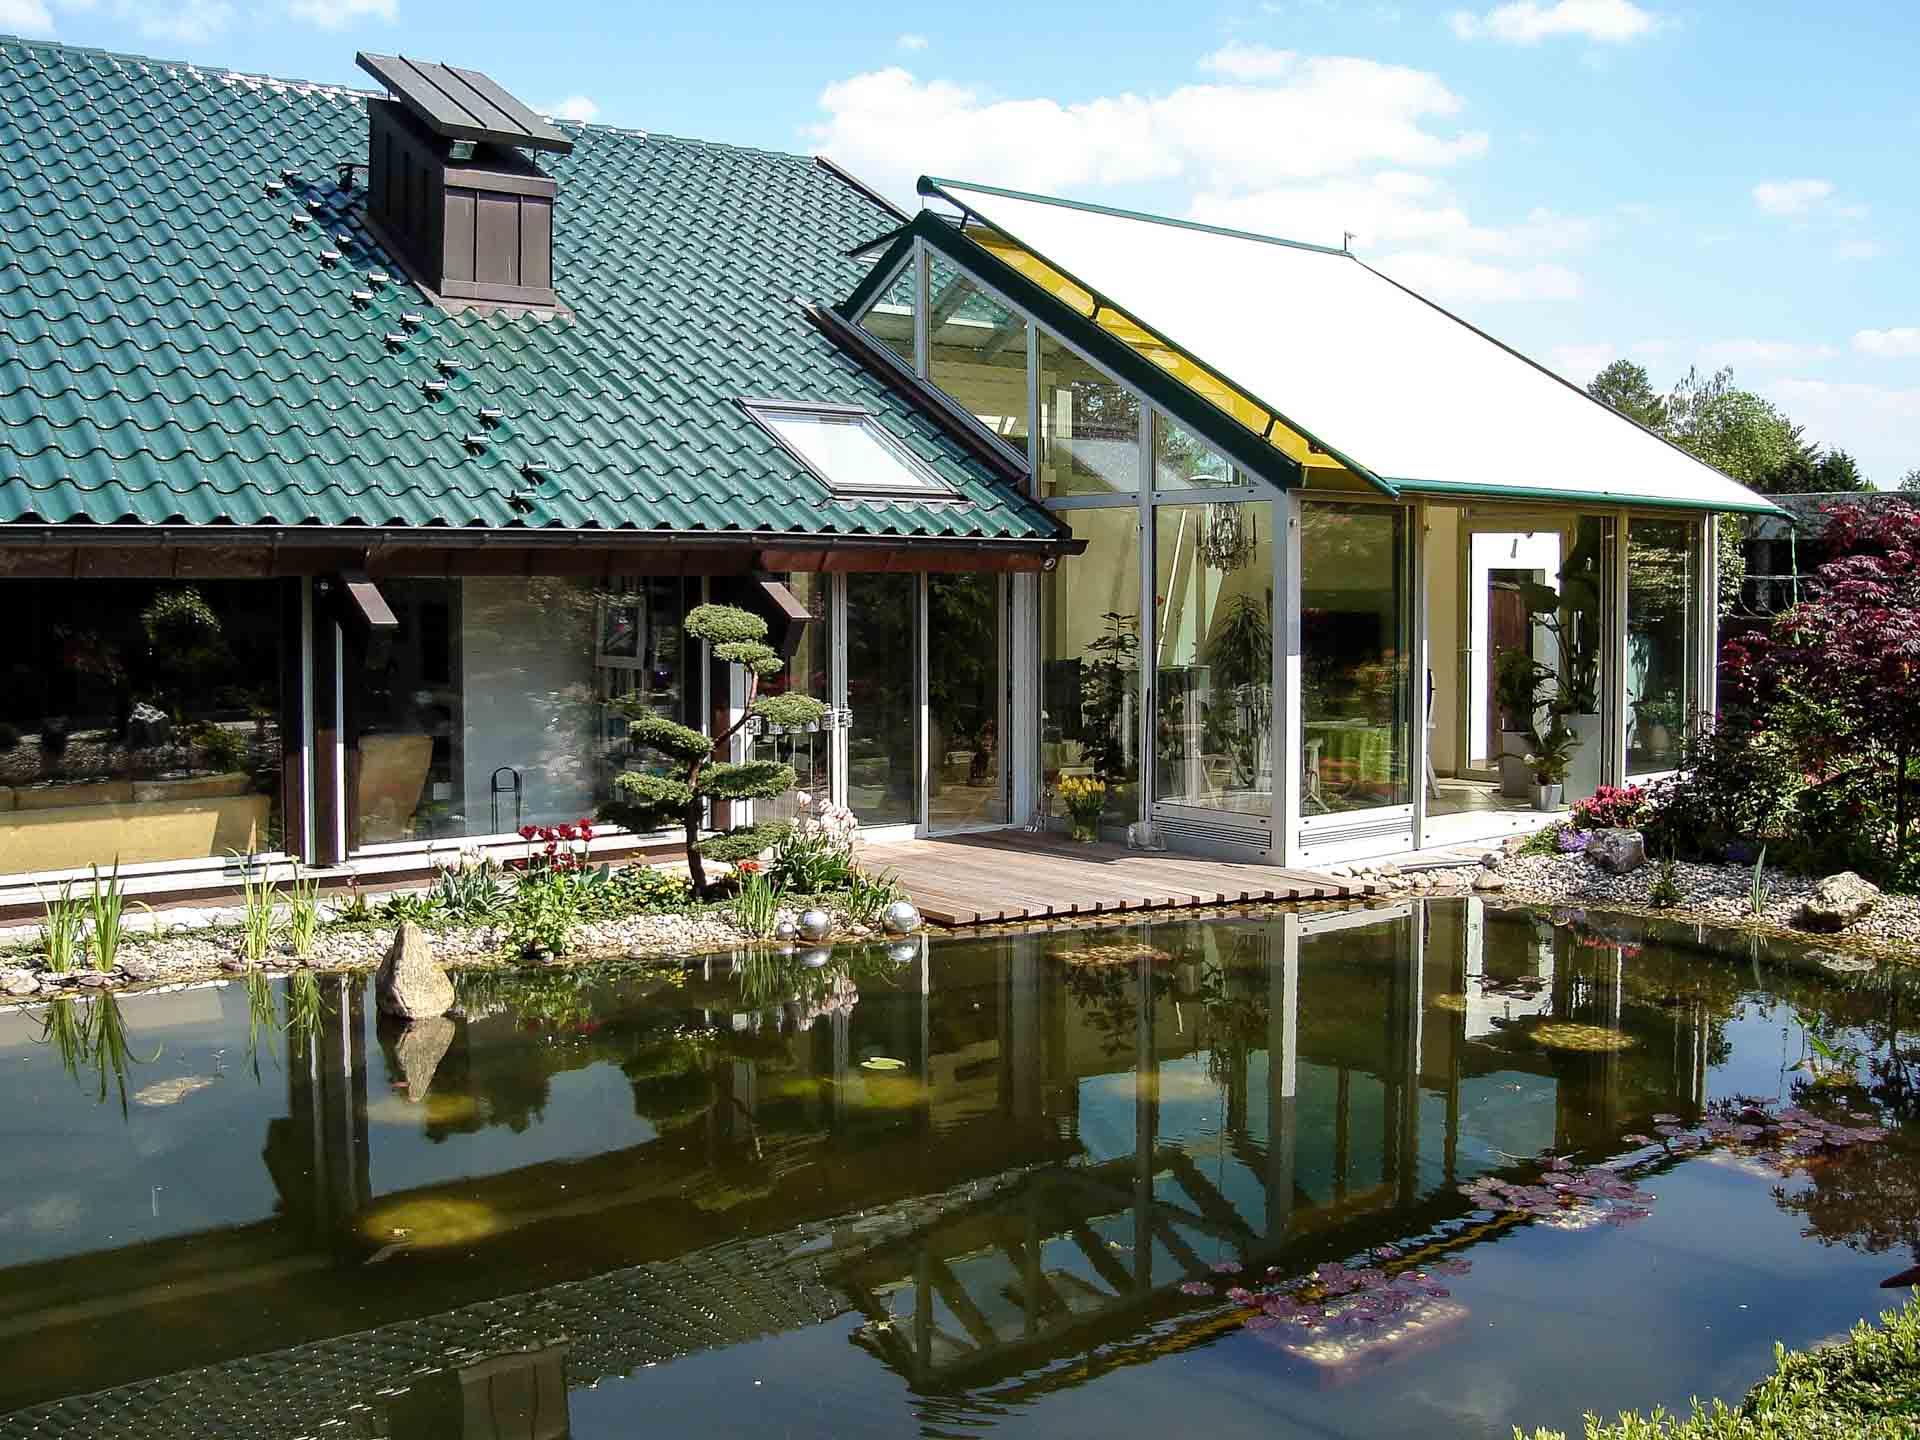 Wintergarten in Pulheim (Objekt 1060). Wohnwintergärten von Sunshine sind vollwertige Räume, können dauerhaft genutzt werden und bringen in jeder Jahreszeit eine Extraportion Licht in das Haus. (Foto 1060_2947 in EcoSun-Ausstattung)